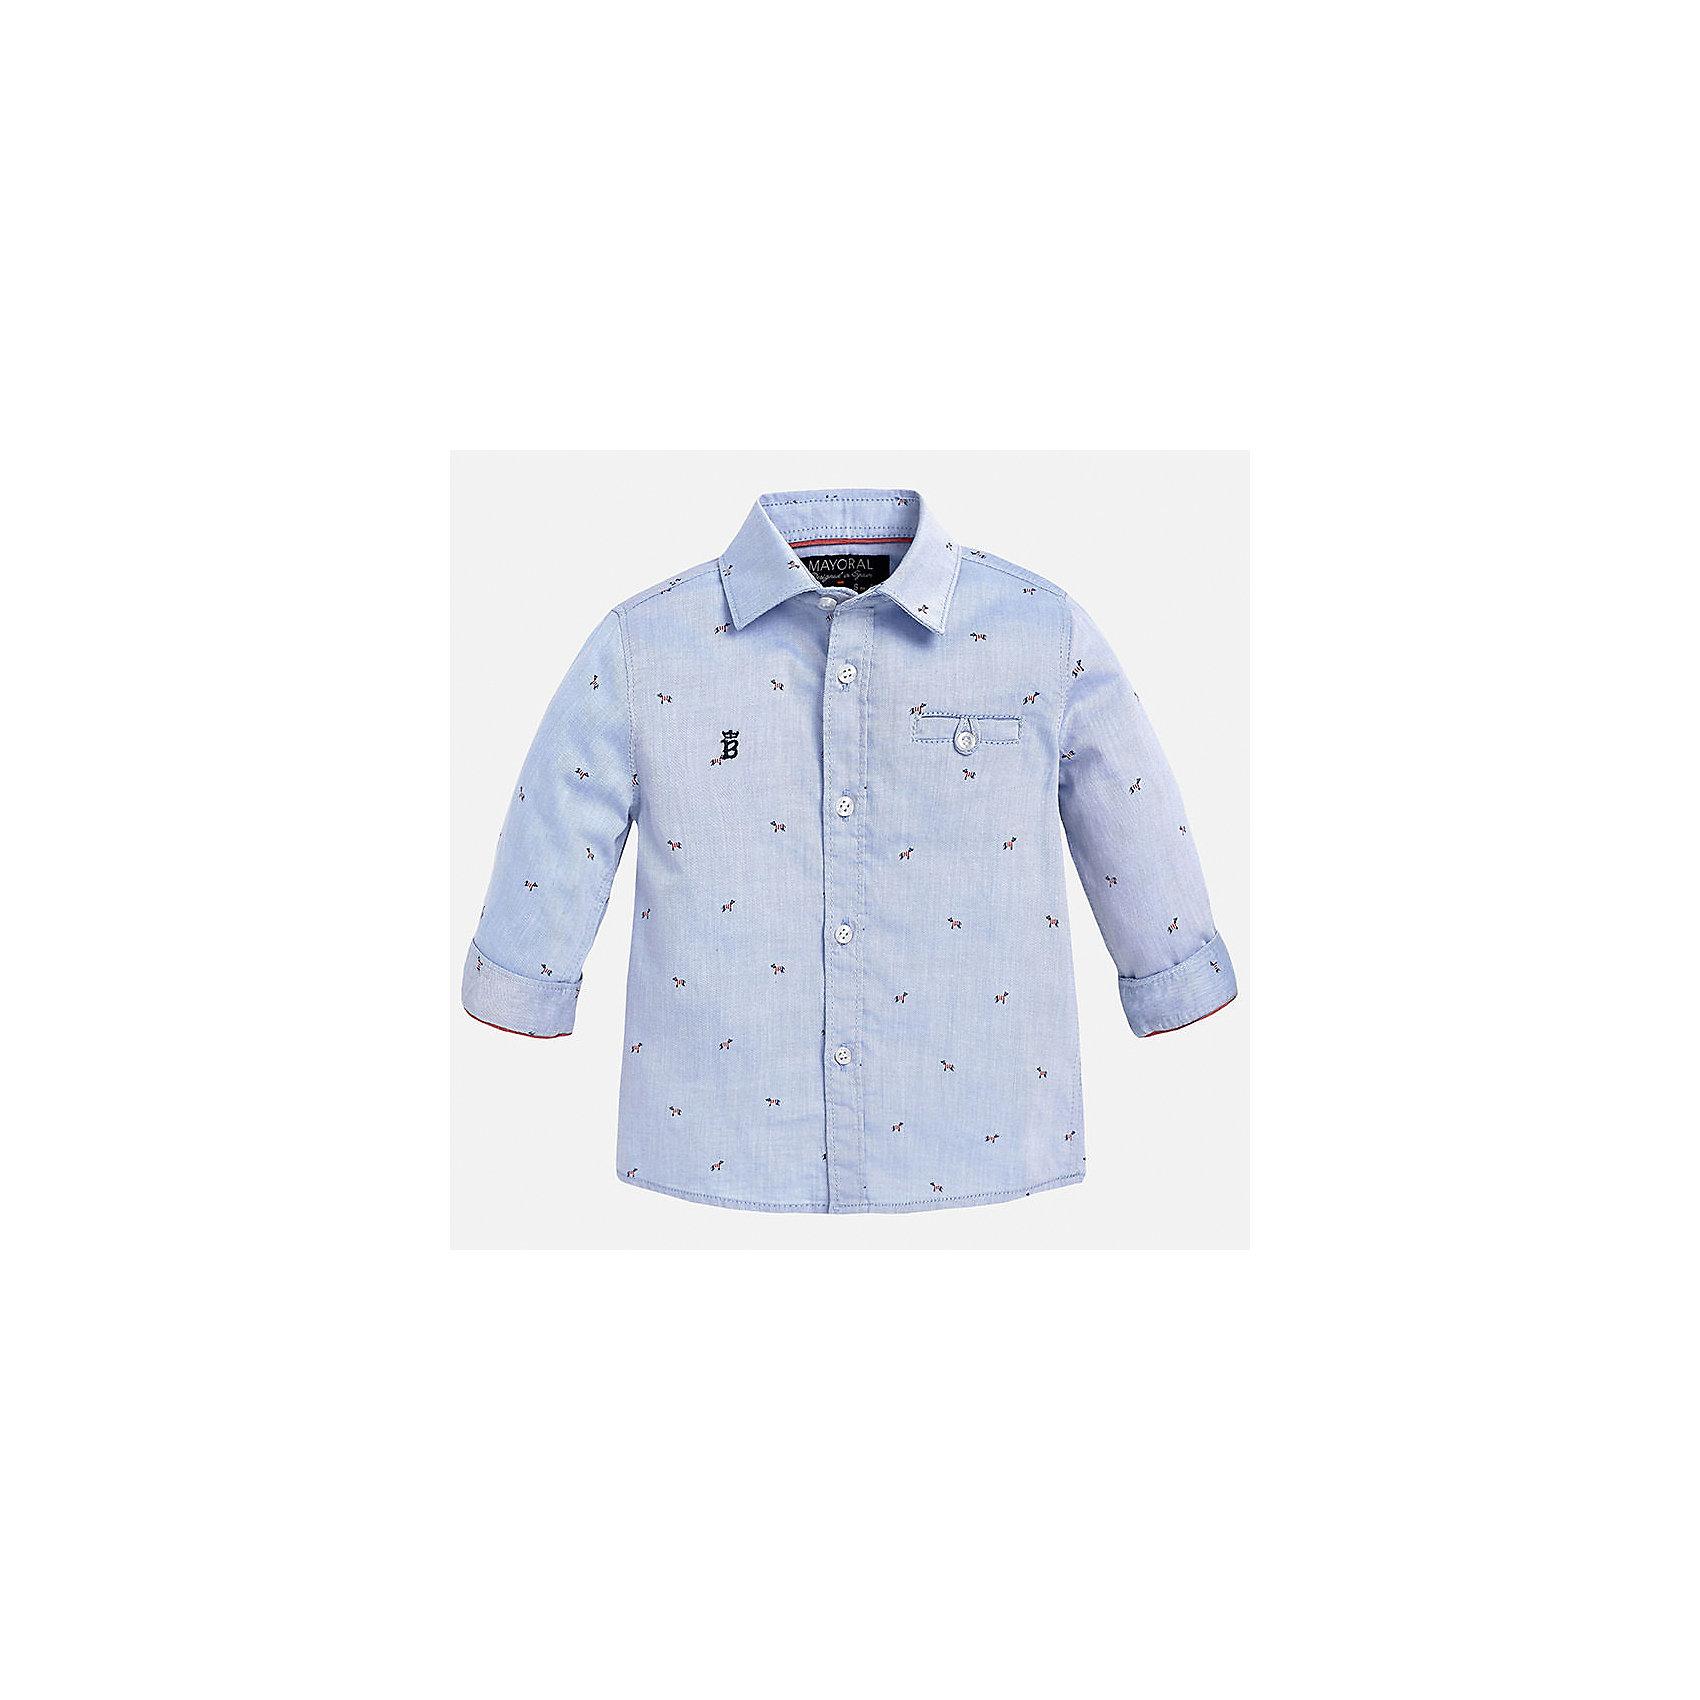 Рубашка для мальчика MayoralБлузки и рубашки<br>Рубашка для мальчика от известного испанского бренда Mayoral. Модель из 100% хлопка с ненавязчивым узором. На груди вышит декоративный карман. Отлично сочетается и с брюками, и с джинсами.<br>Дополнительная информация:<br>-прямой силуэт<br>-укороченные рукава<br>-декоративный карман и небольшая эмблема на груди<br>-застегивается на пуговицы<br>-цвет: голубой<br>-состав: 100% хлопок<br>Рубашку Mayoral можно приобрести в нашем интернет-магазине.<br><br>Ширина мм: 174<br>Глубина мм: 10<br>Высота мм: 169<br>Вес г: 157<br>Цвет: голубой<br>Возраст от месяцев: 12<br>Возраст до месяцев: 15<br>Пол: Мужской<br>Возраст: Детский<br>Размер: 80,86,92<br>SKU: 4820593